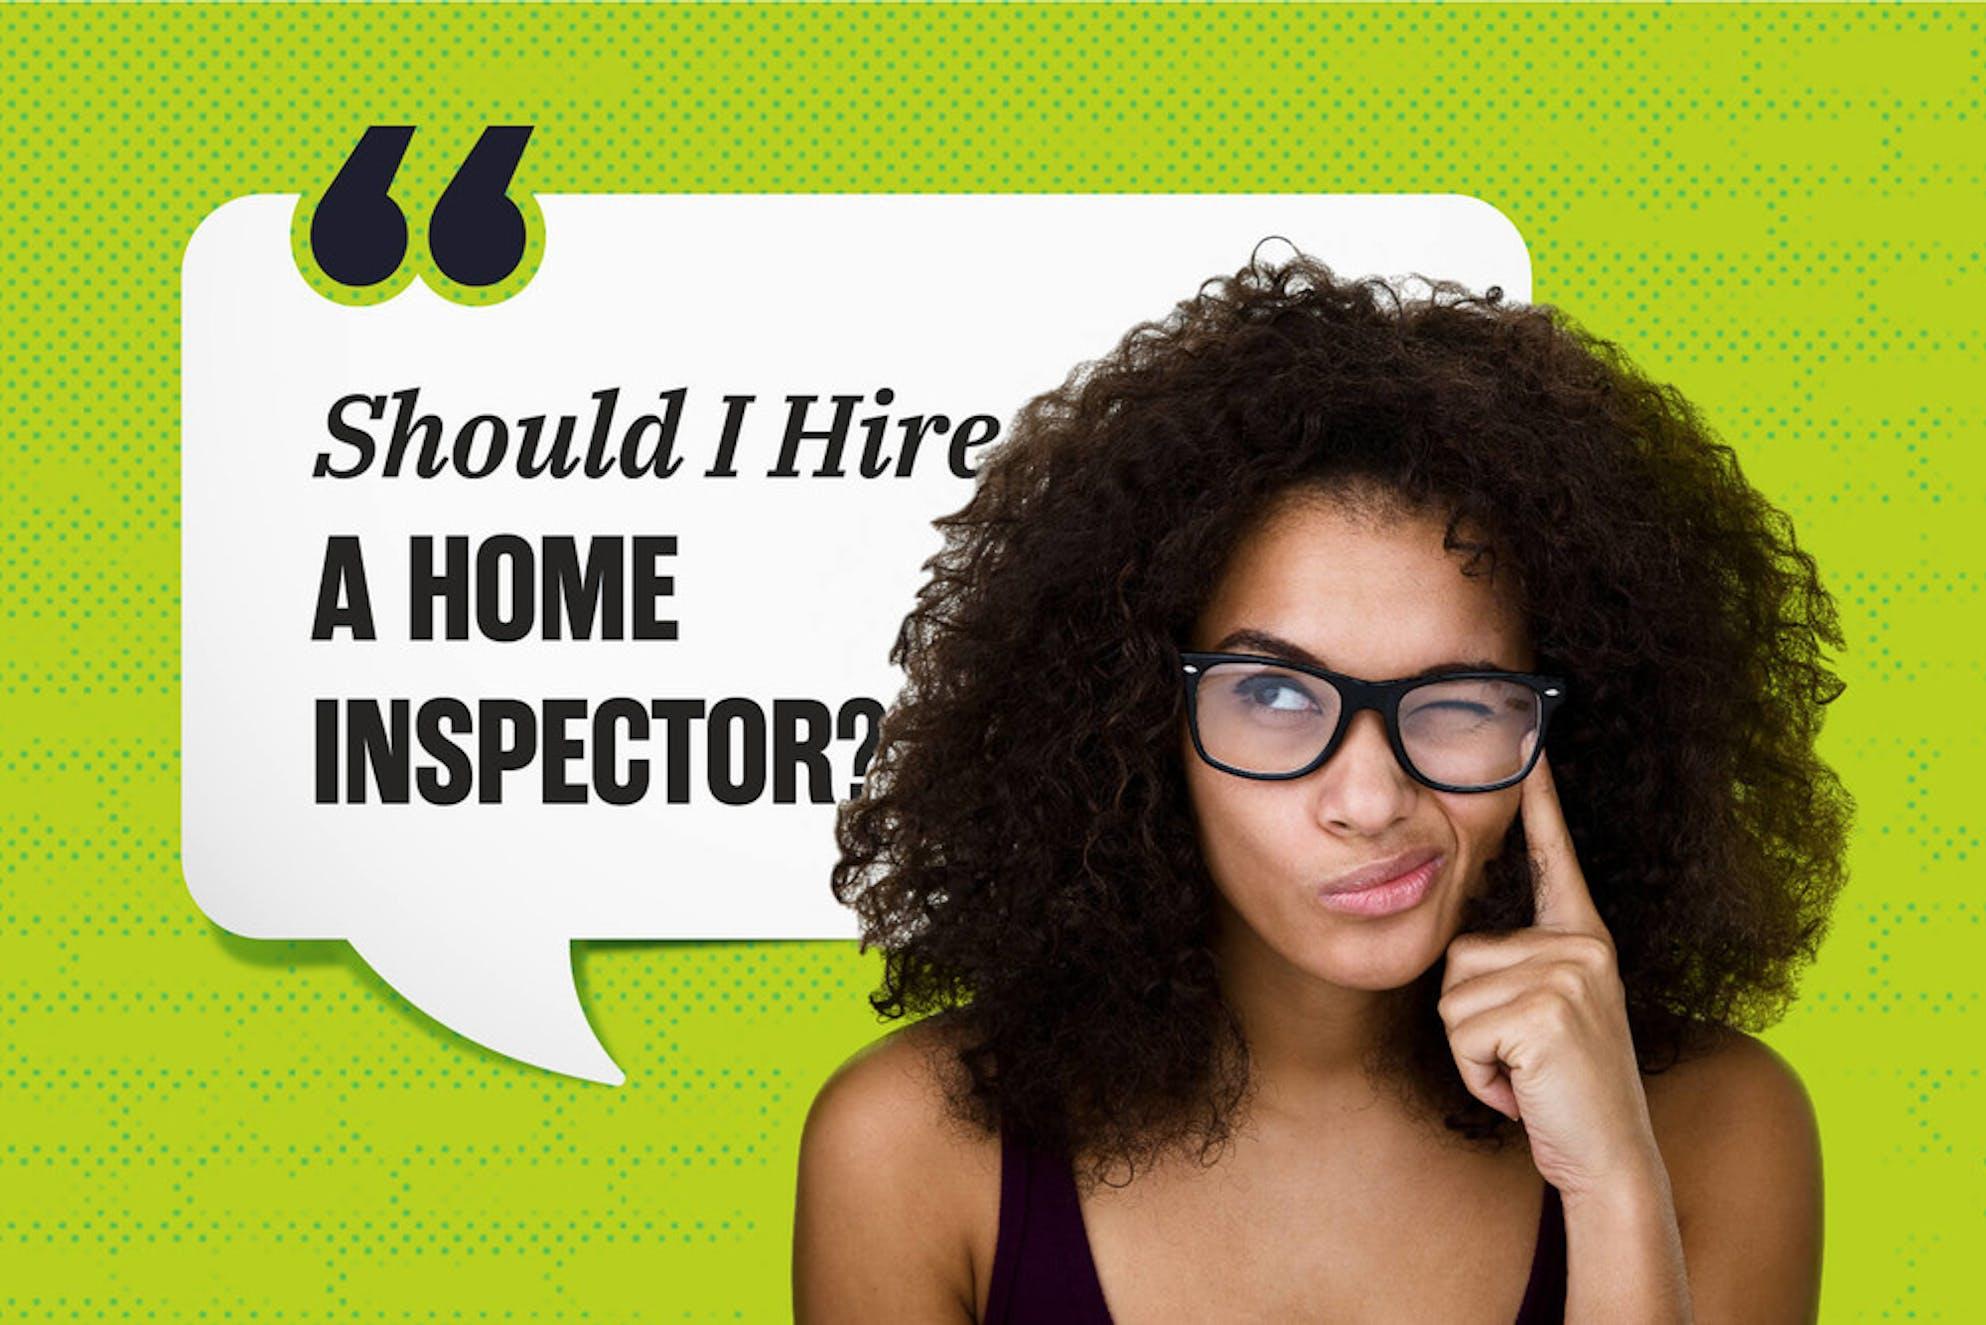 Should I hire a home inspector?